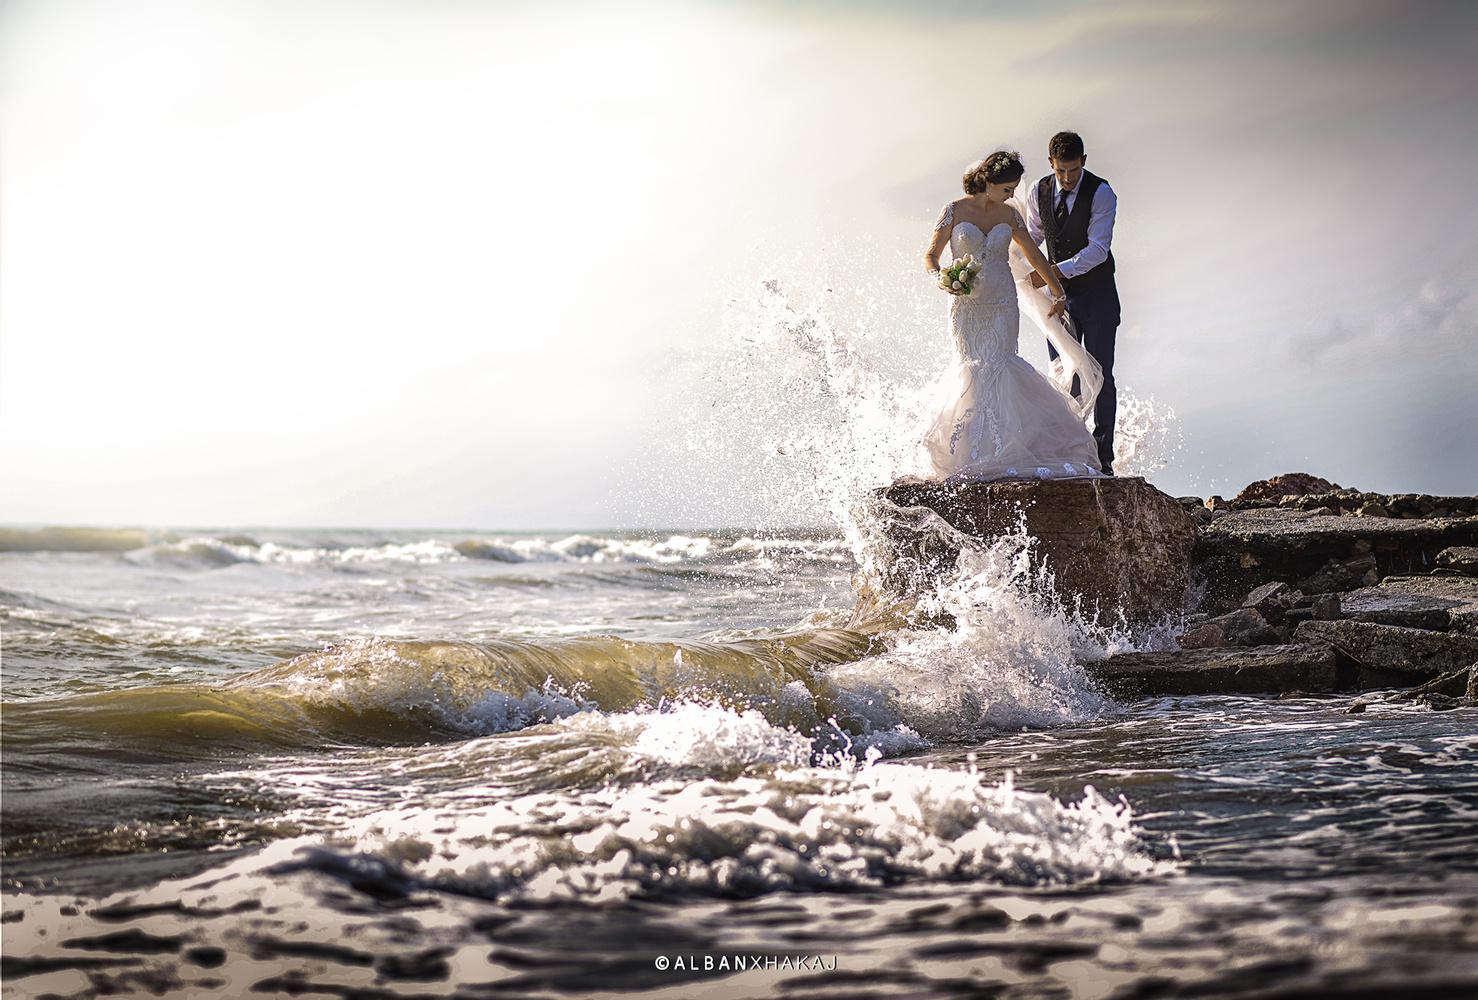 In the water by Alban Xhakaj